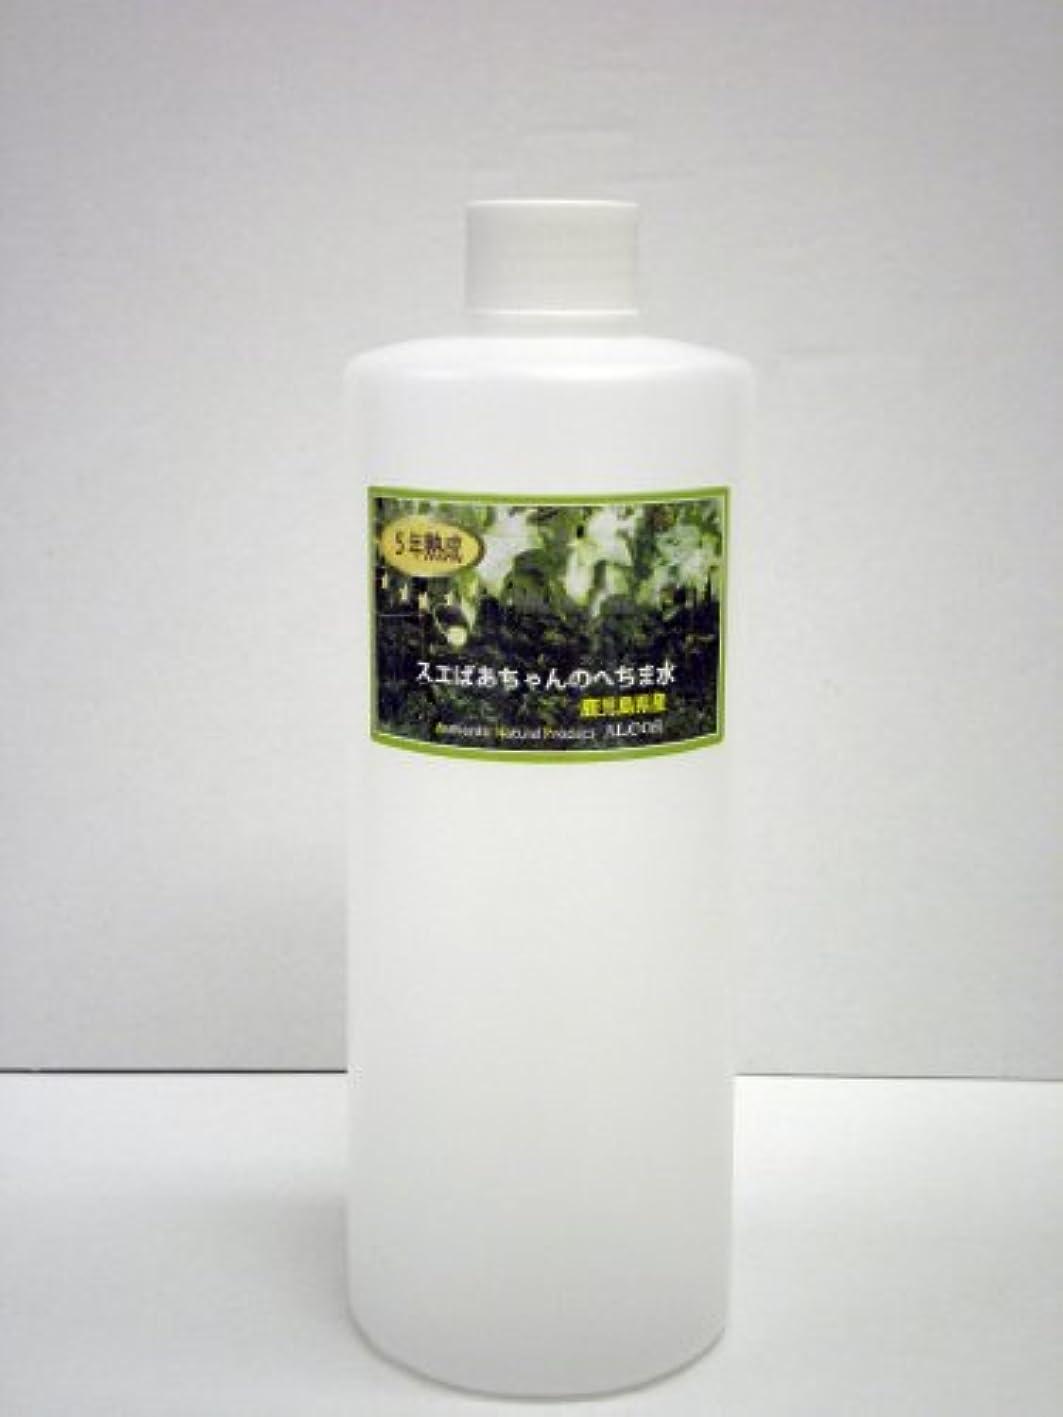 温度消費者他のバンドで5年熟成スエばあちゃんのへちま水(容量500ml)鹿児島県産?有機栽培(無農薬) ※完全無添加オーガニックヘチマ水100% ※商品のラベルはスエばあちゃんのへちま畑の写真です。ALCOS(アルコス) 天然水ヘチマ [5年...